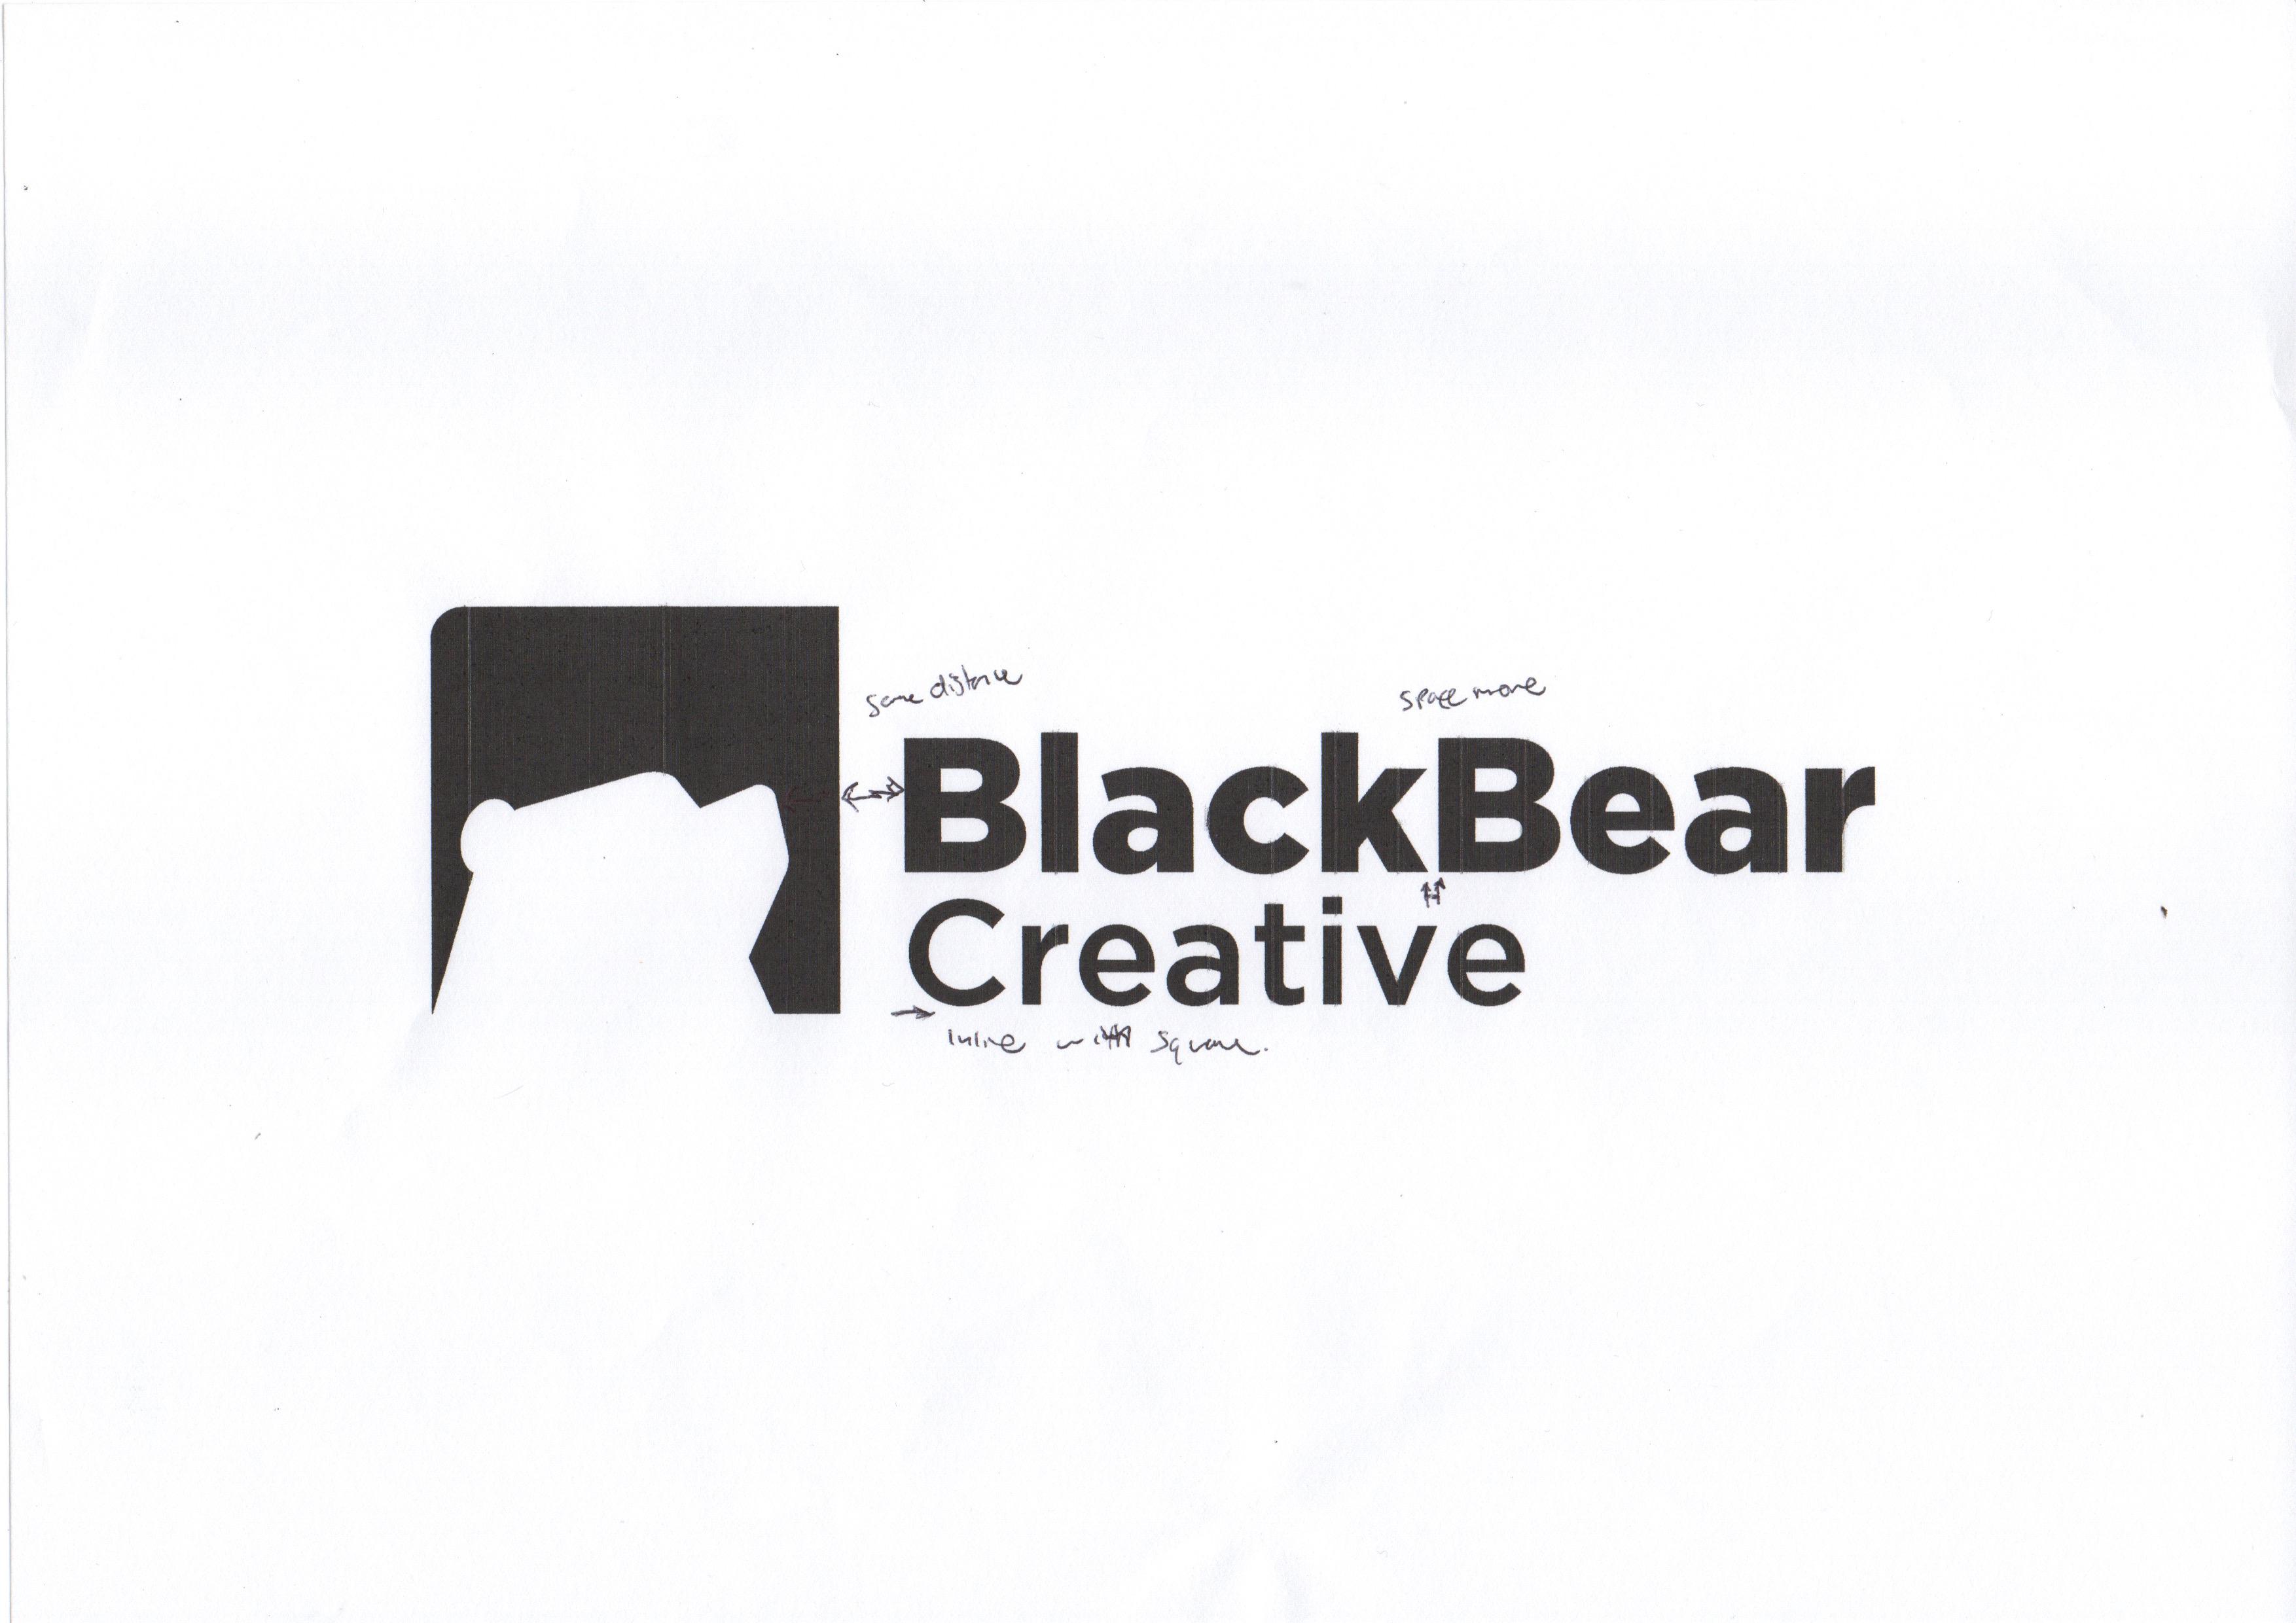 Black Bear concept notes